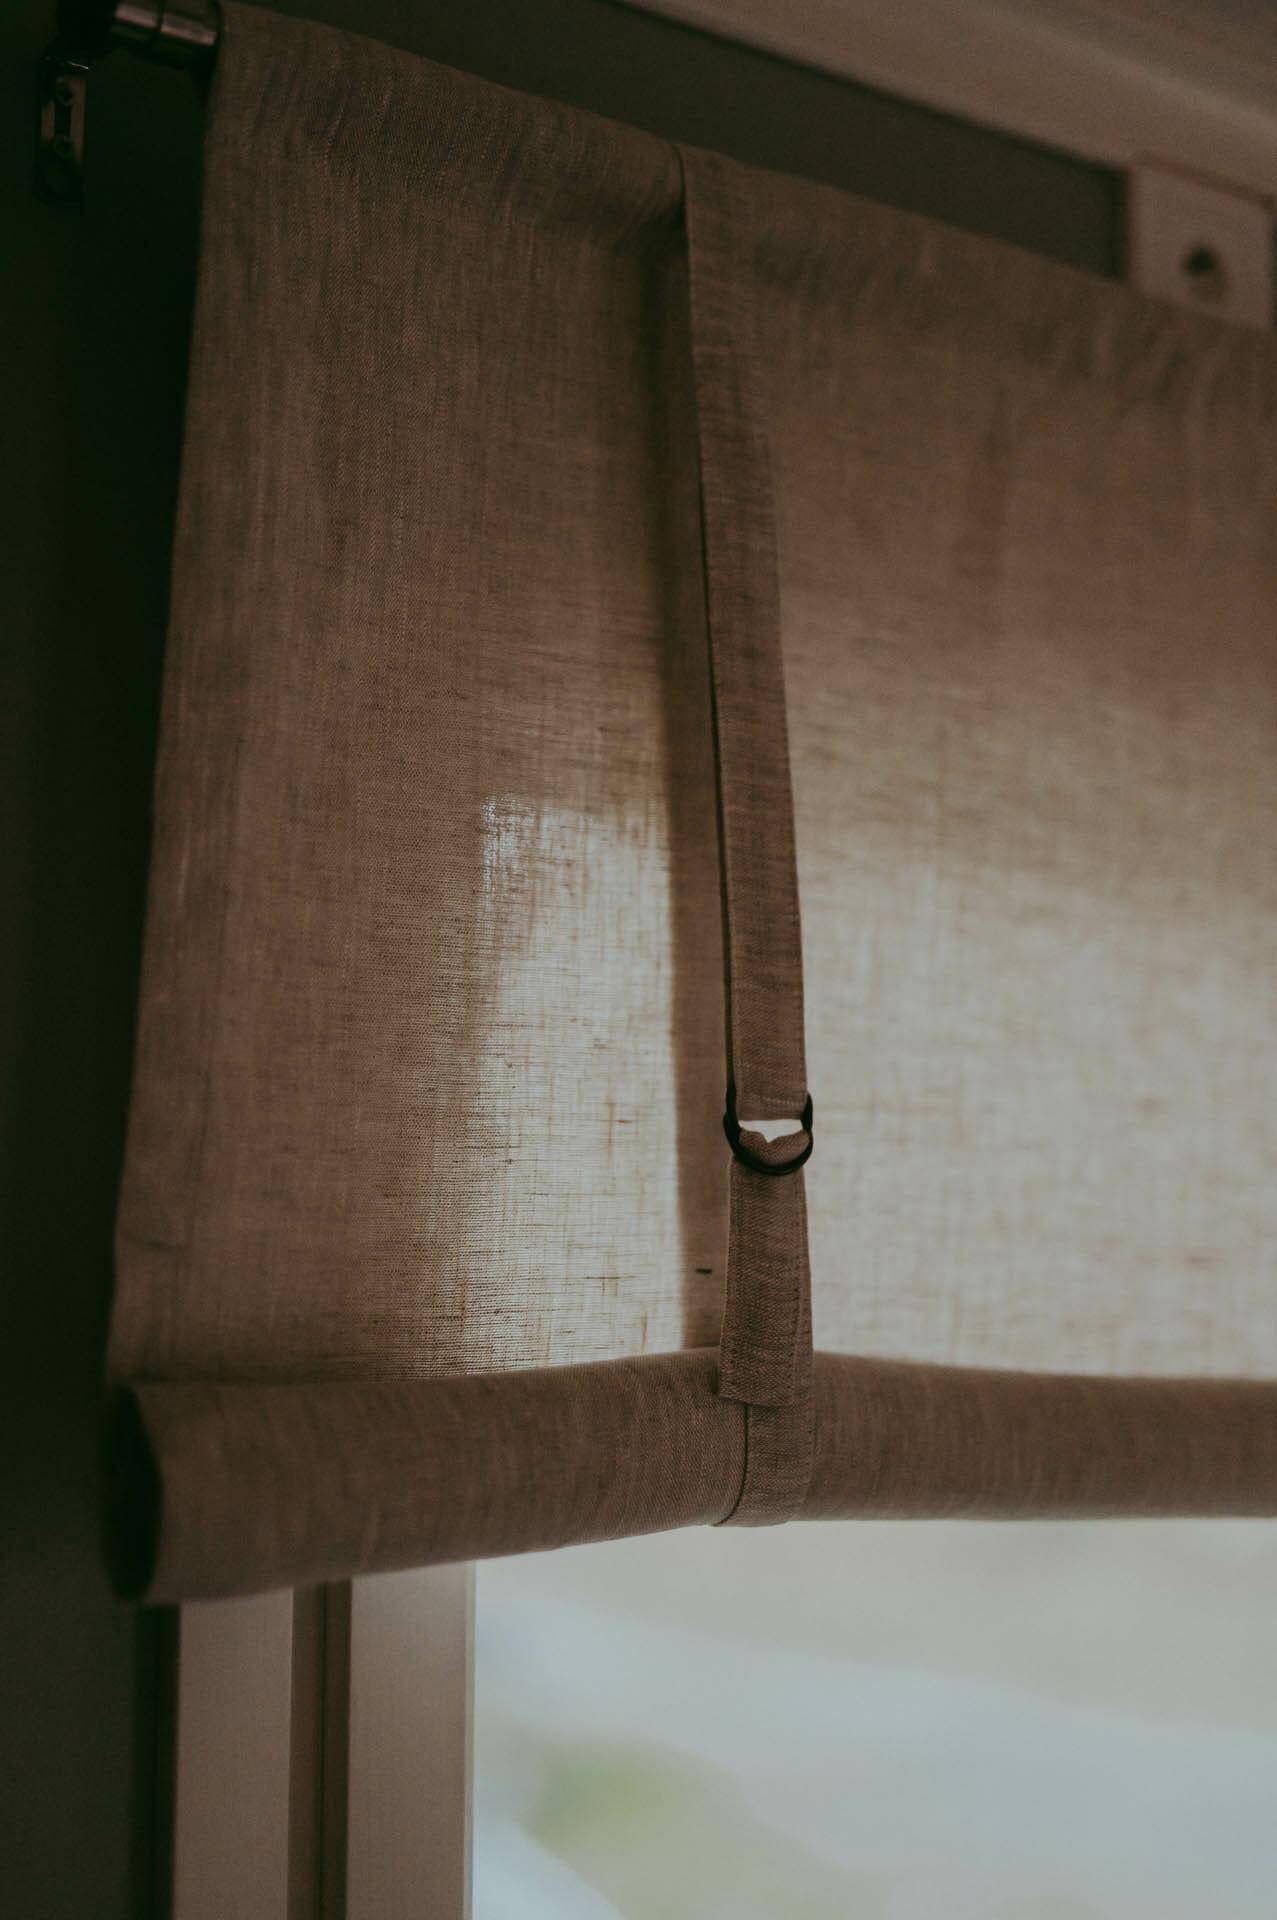 linnefärgad beige rullhissgardin i linne hänger i fönster.